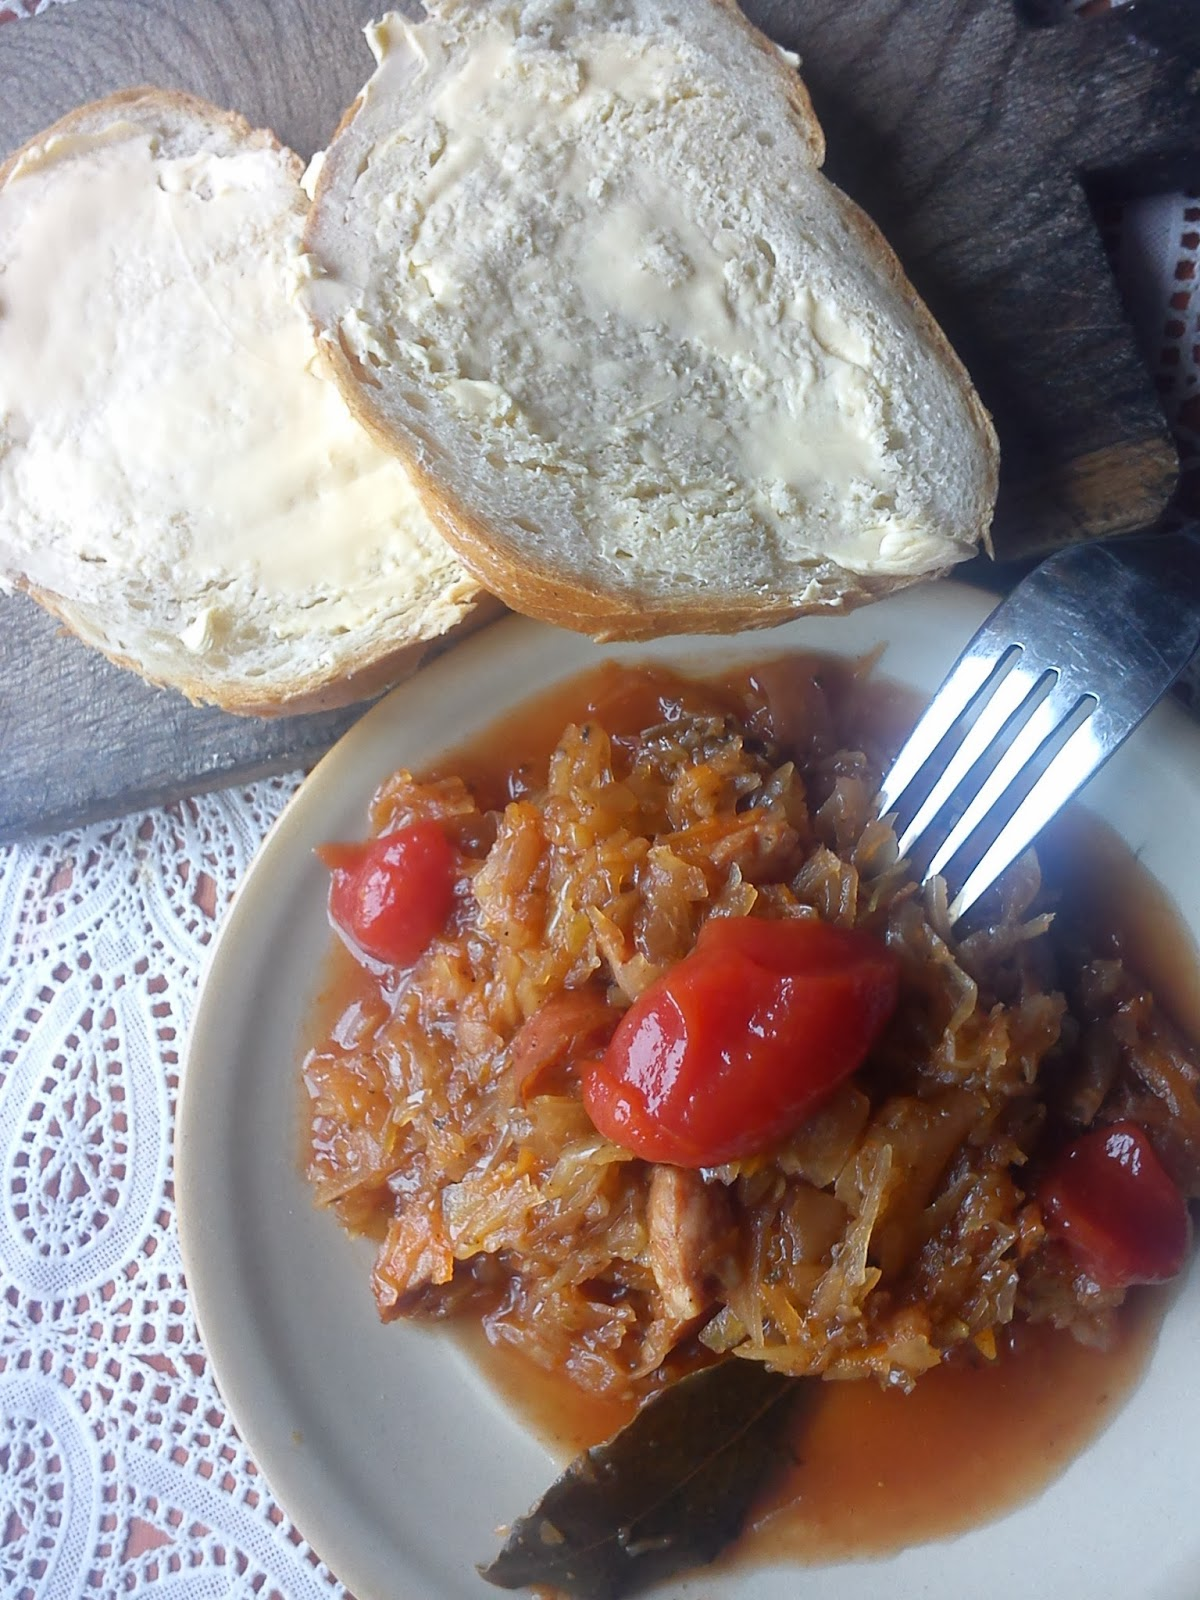 Bigos z kapusty mieszanej - kuchnia staropolska.